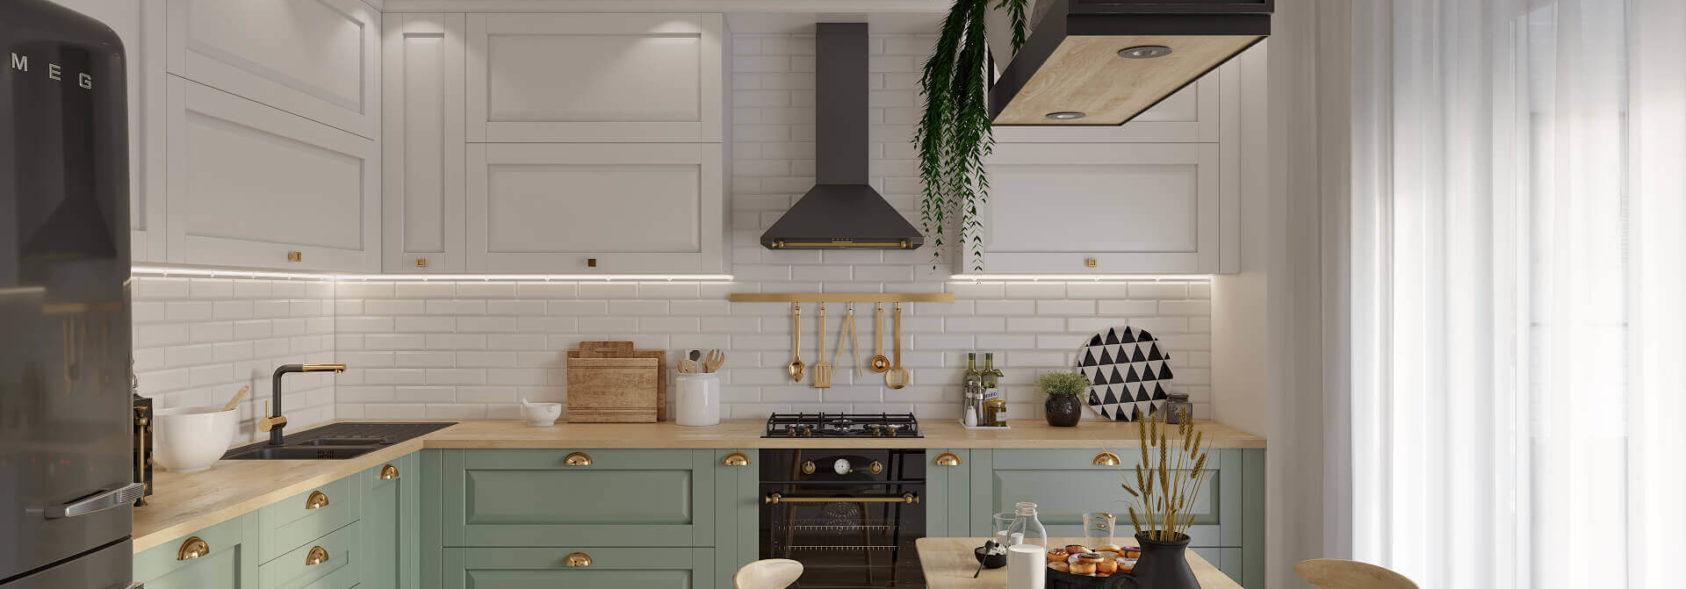 Дизайн интерьера квартиры Днепр кухня